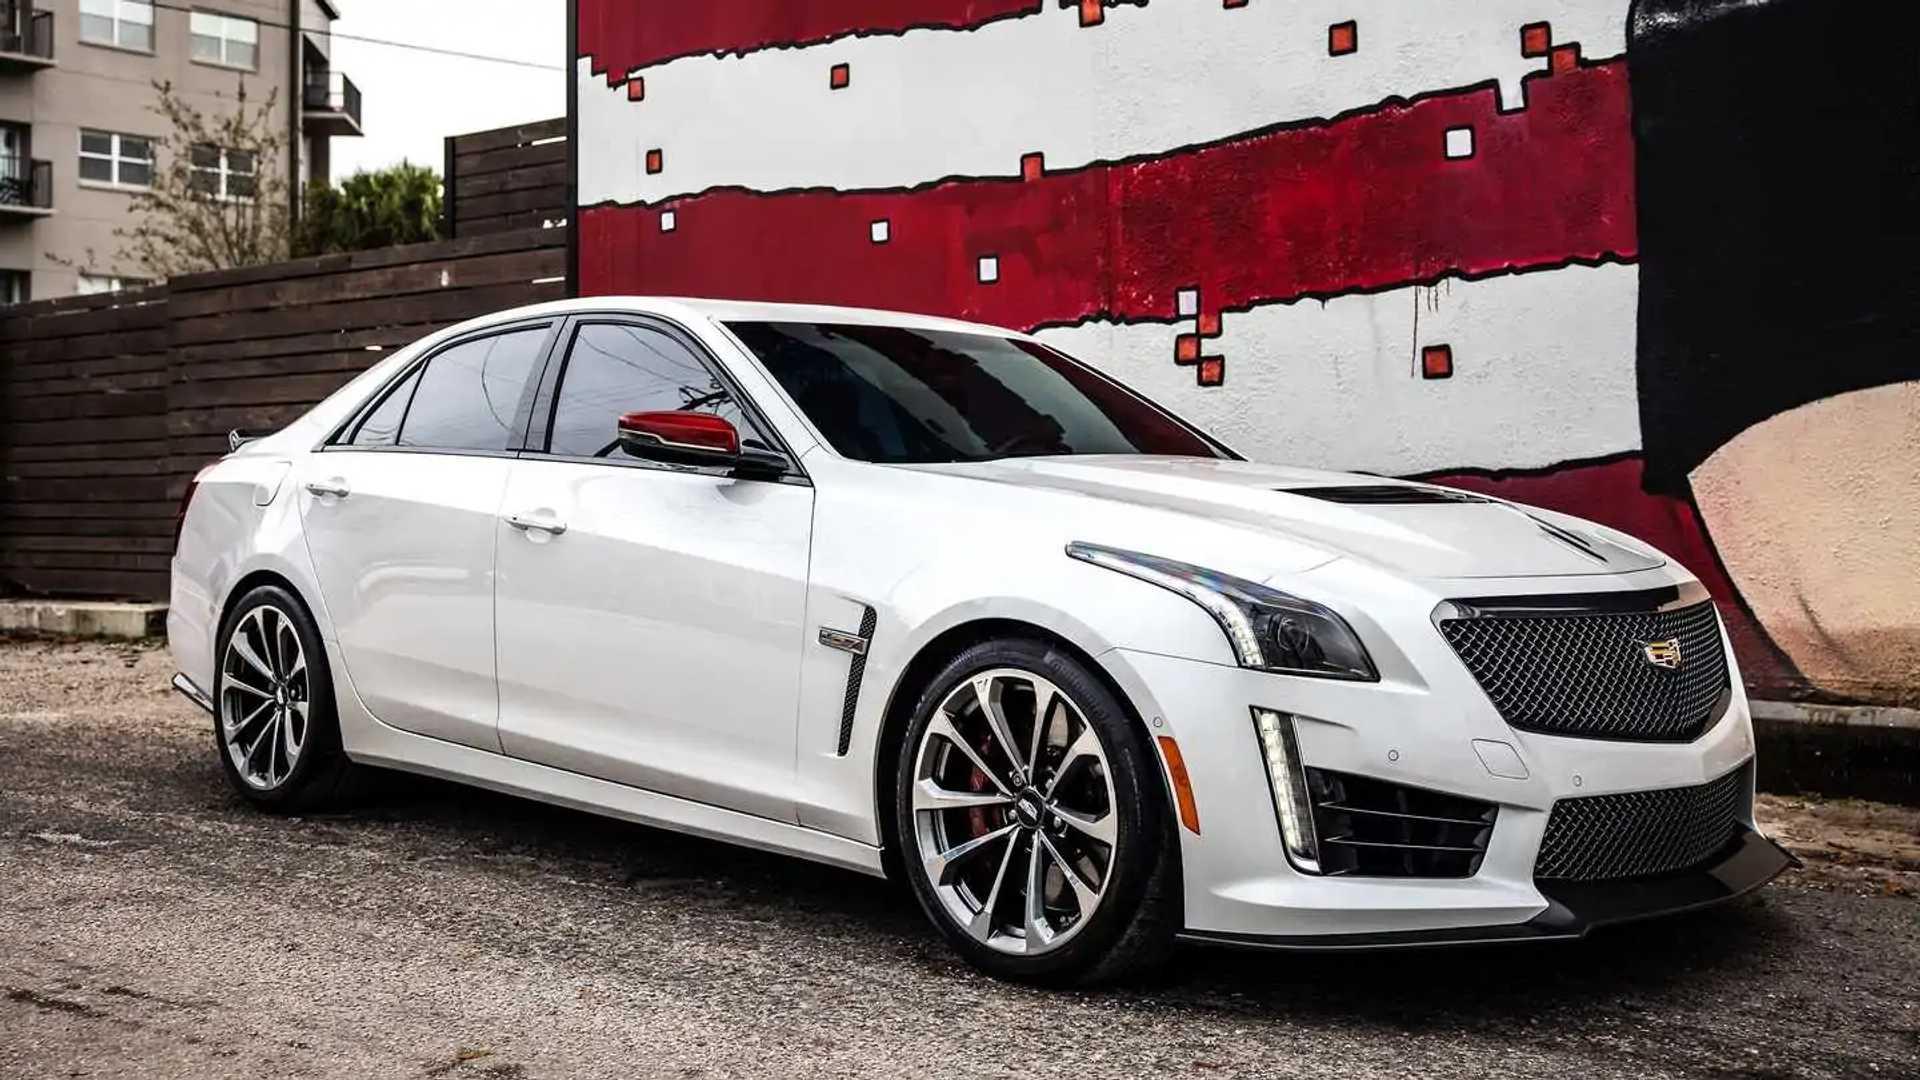 2018 Cadillac CTS-V Championship Edition